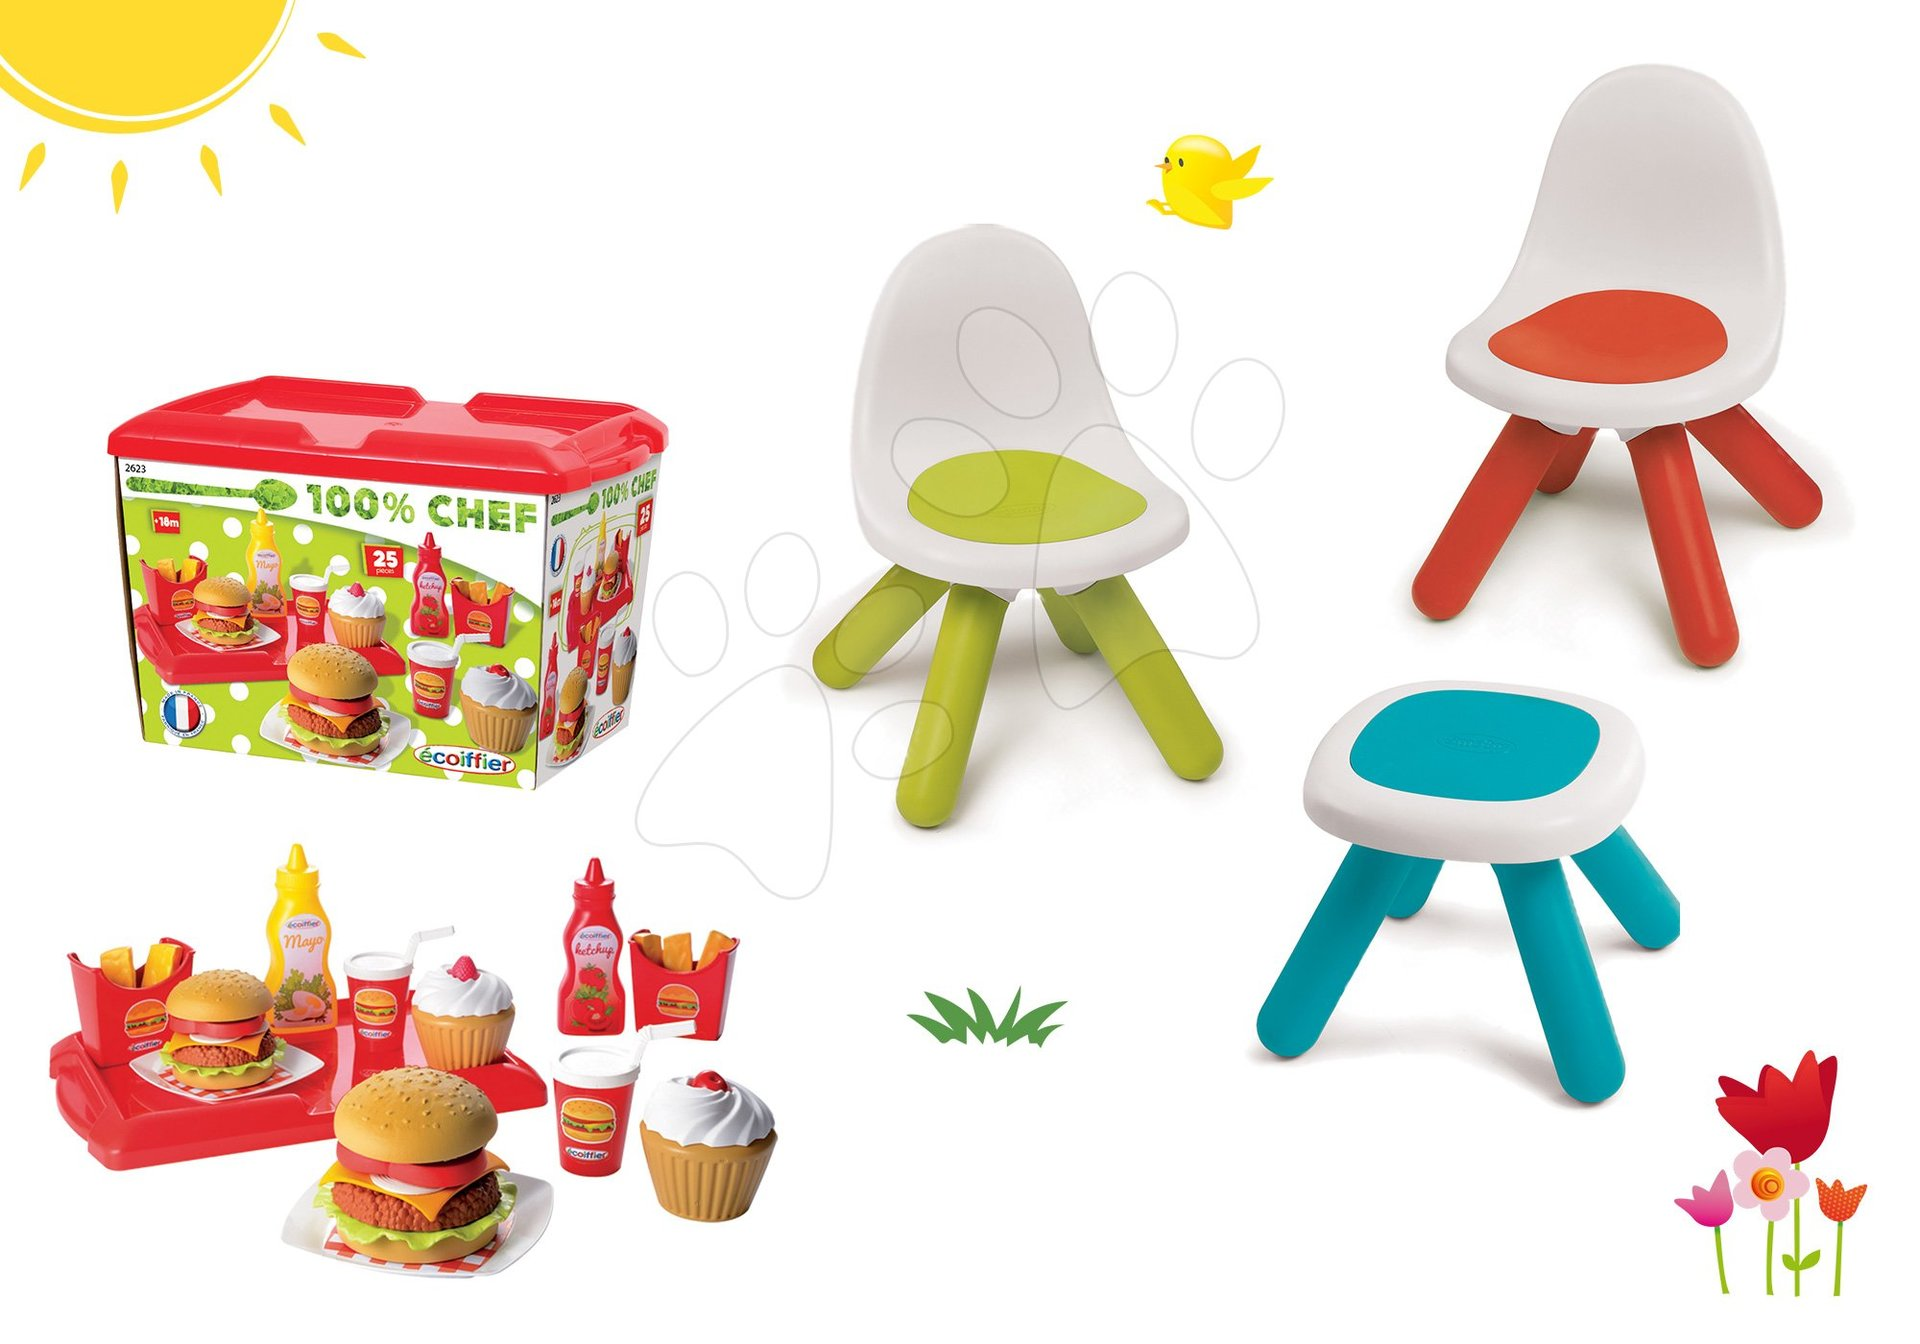 Smoby set dětský stůl Kidstool Smoby a 2 židle KidChair a set hamburgerů 100% Chef 880200A-6